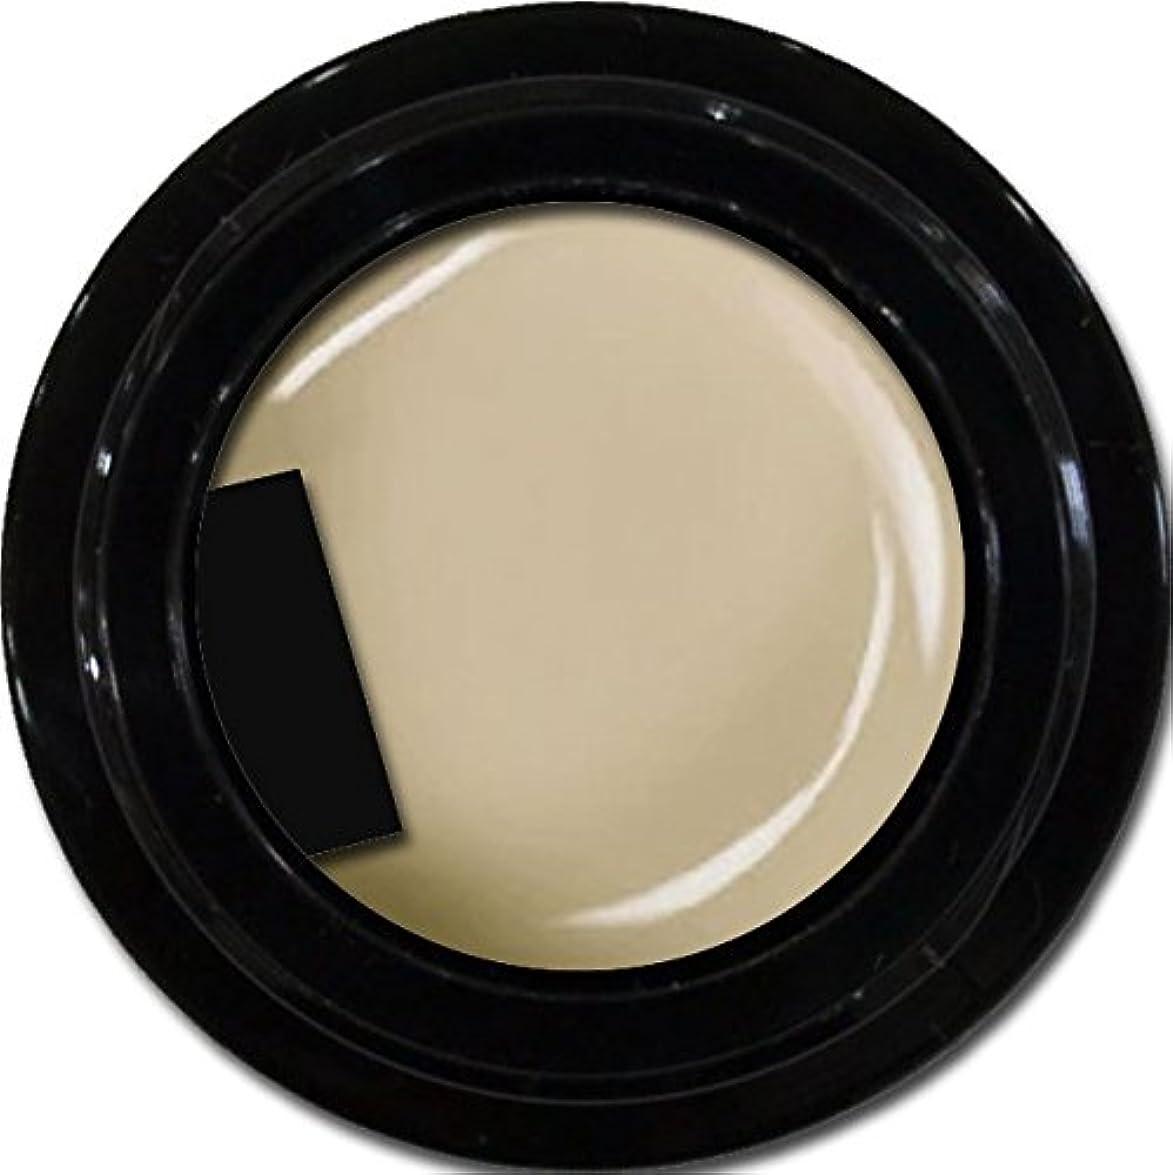 効果的に言及する従来のカラージェル enchant color gel M804 AshGray 3g/ マットカラージェル M804 アッシュグレー 3グラム